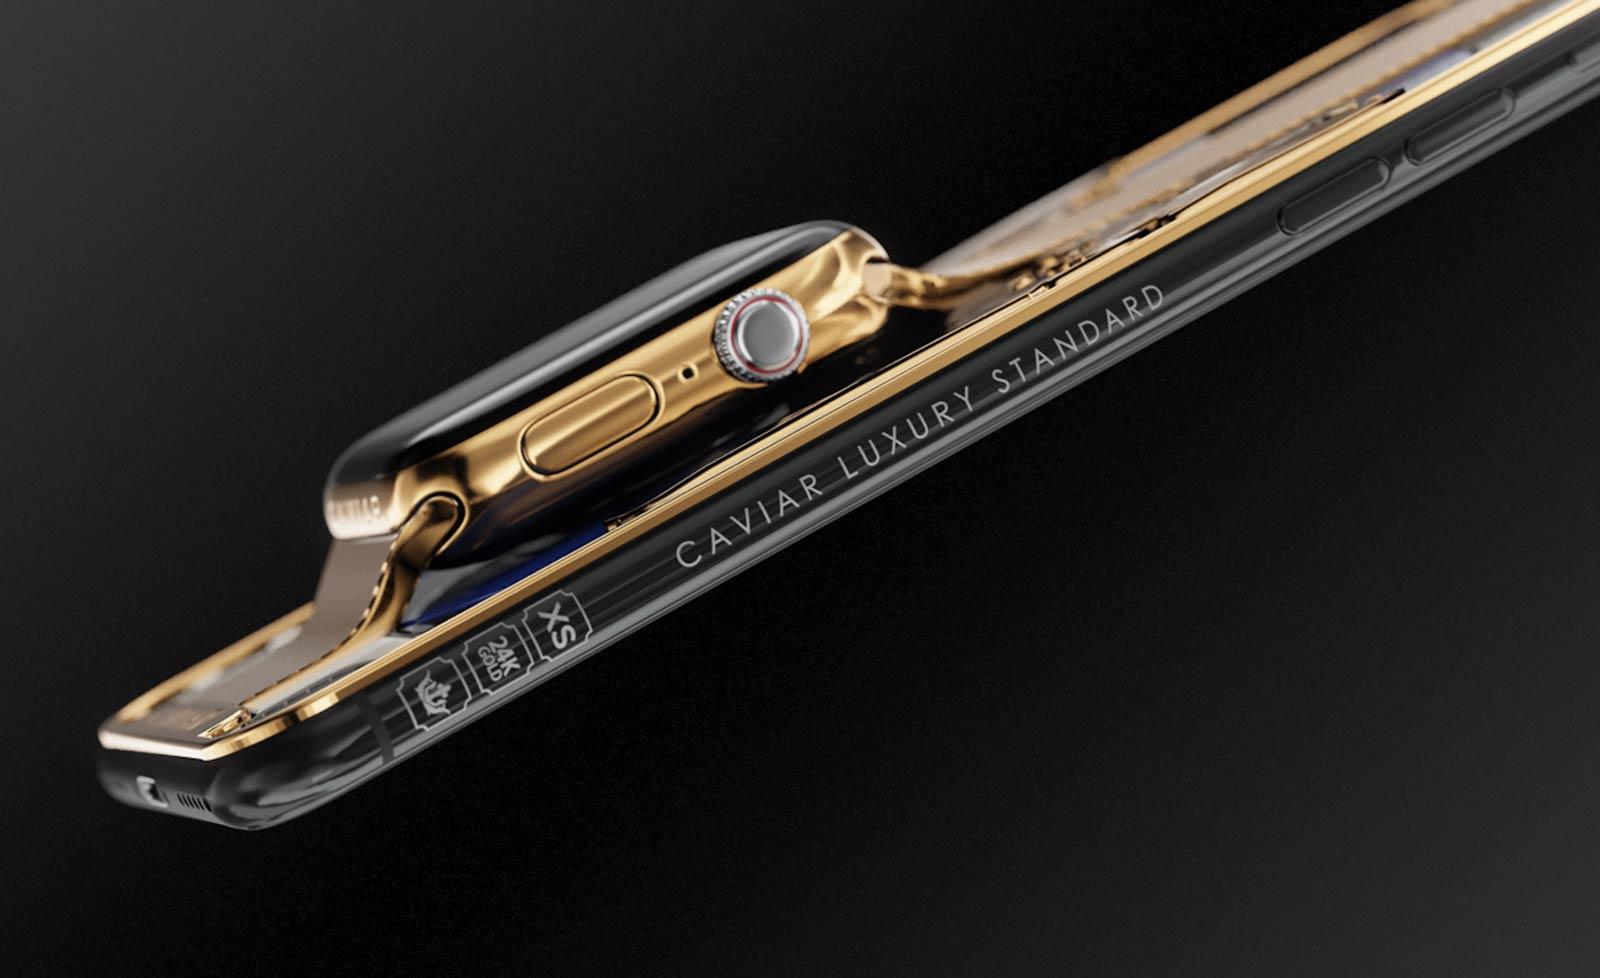 iPhone carcasa apple watch aur